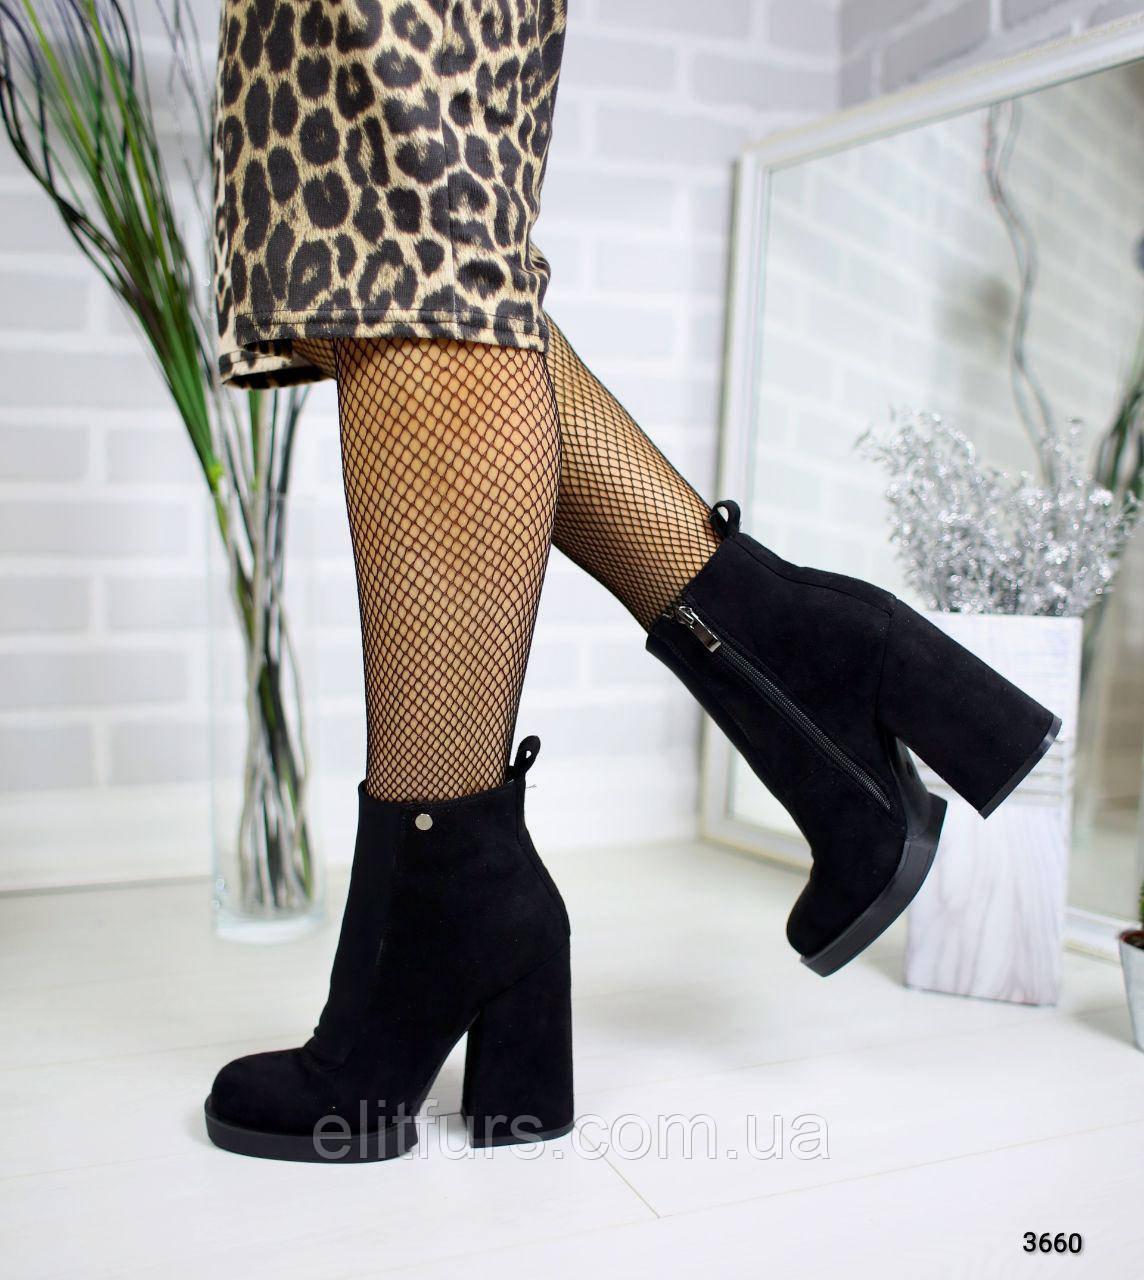 Ботинки демисезонные на широком каблуке, эко-замш